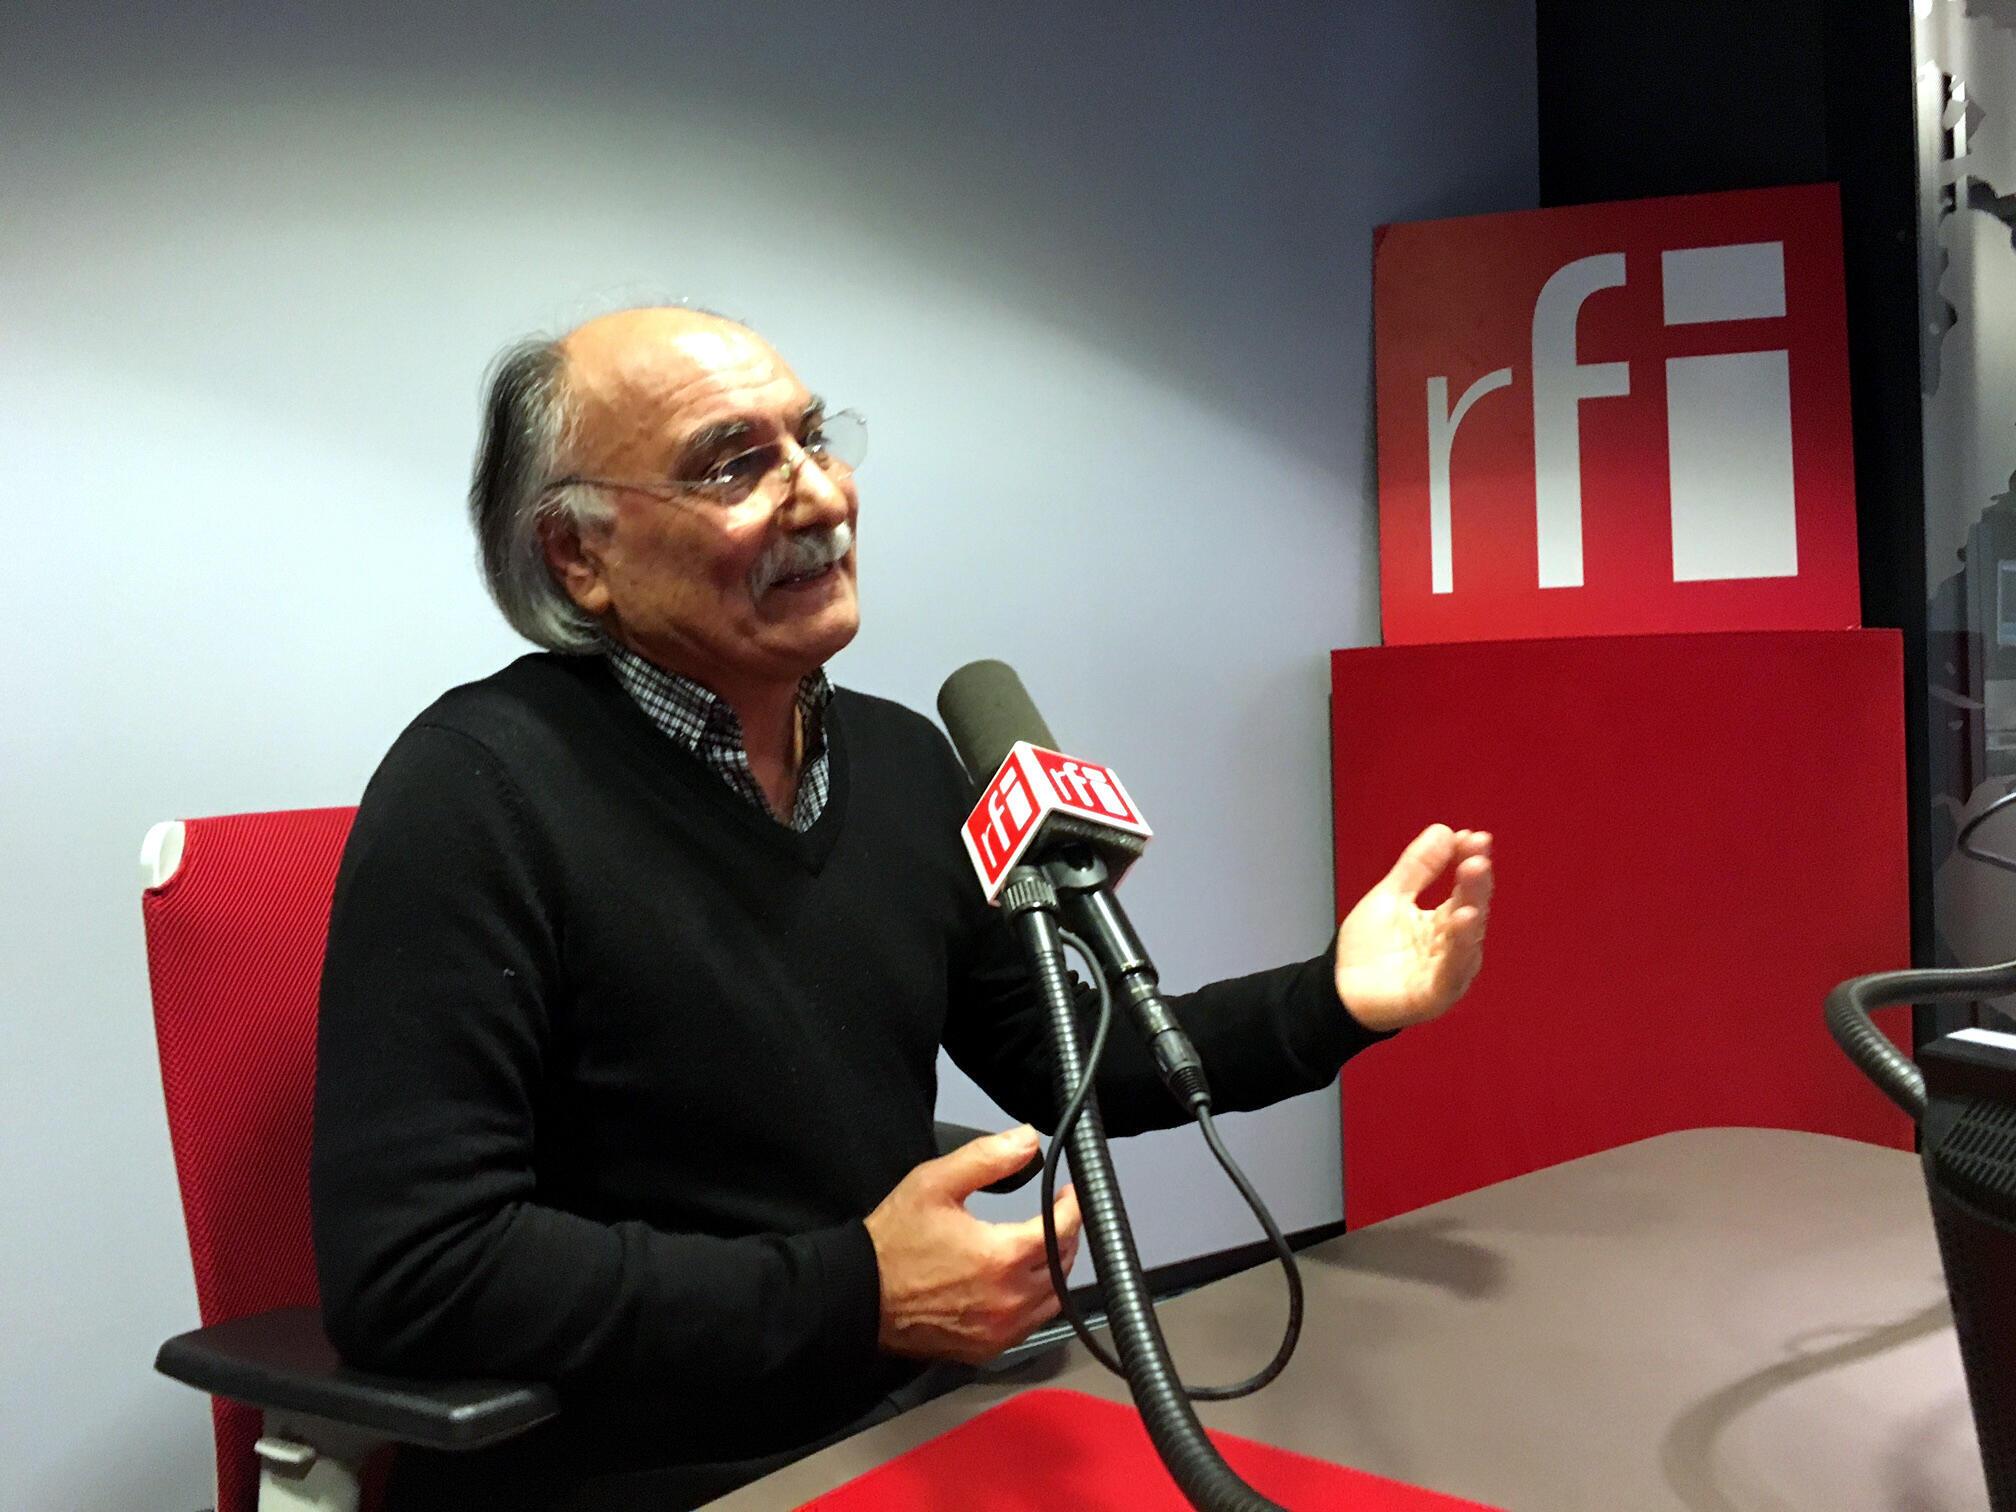 حسین دولت آبادی در استودیو بخش فارسی رادیو بین المللی فرانسه